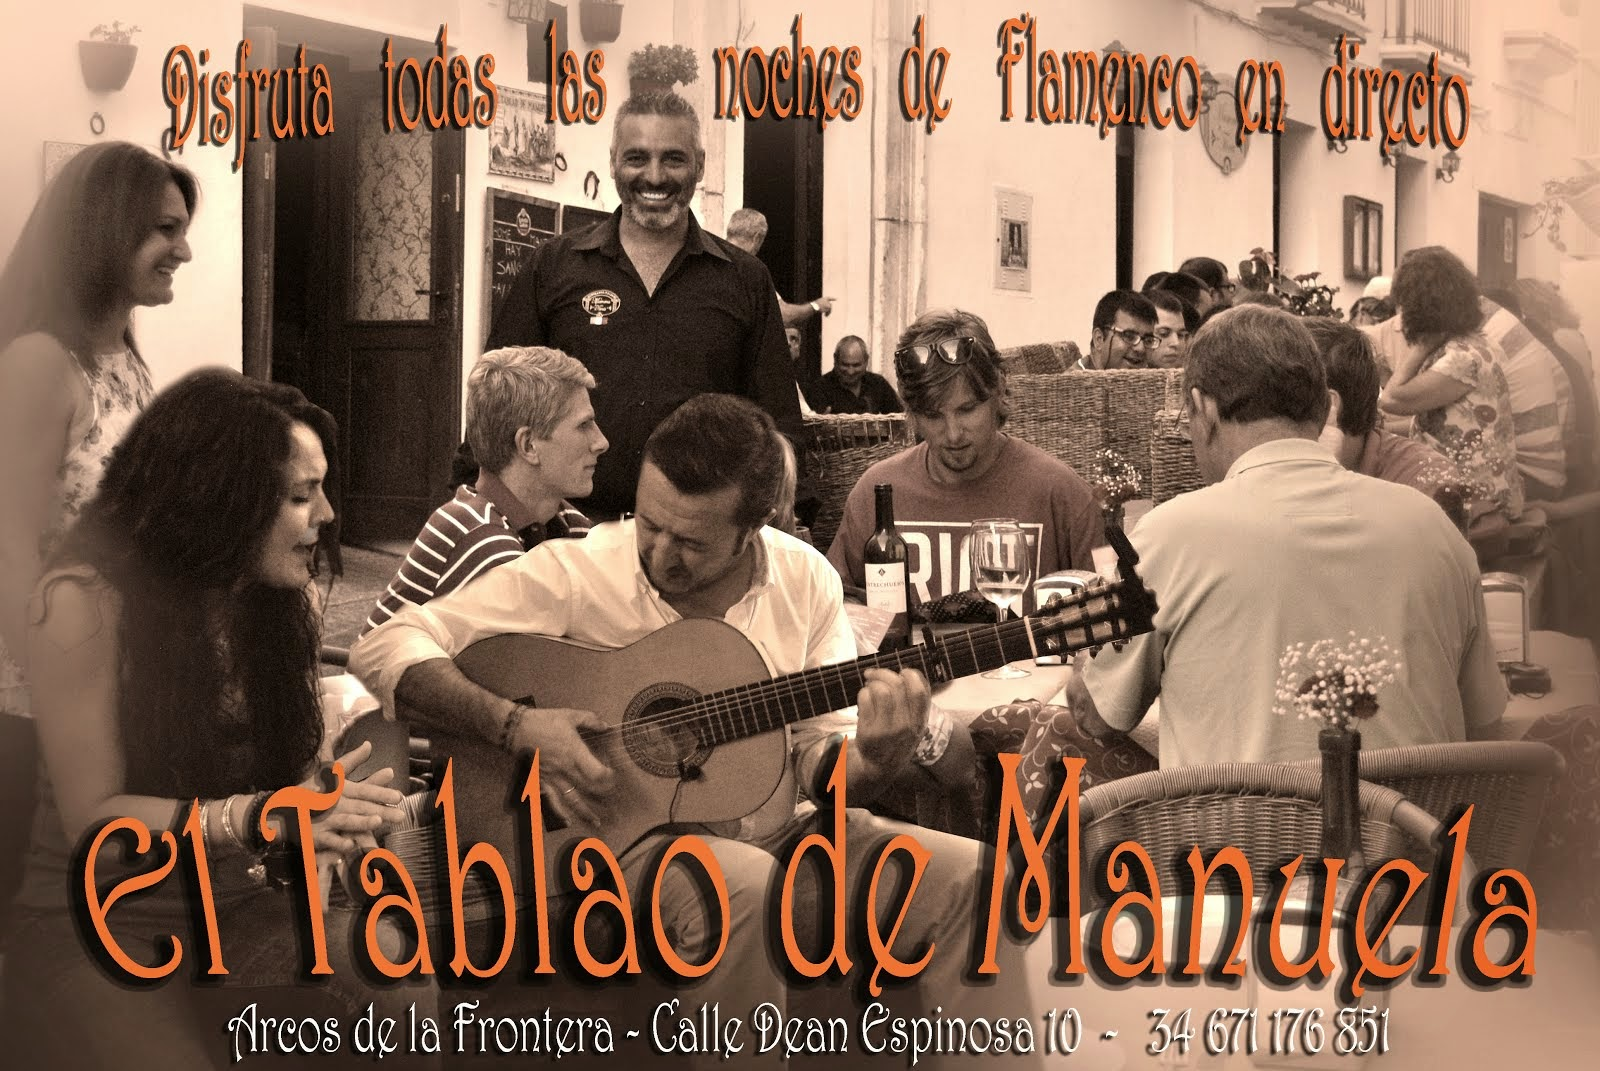 Tablao de Manuela